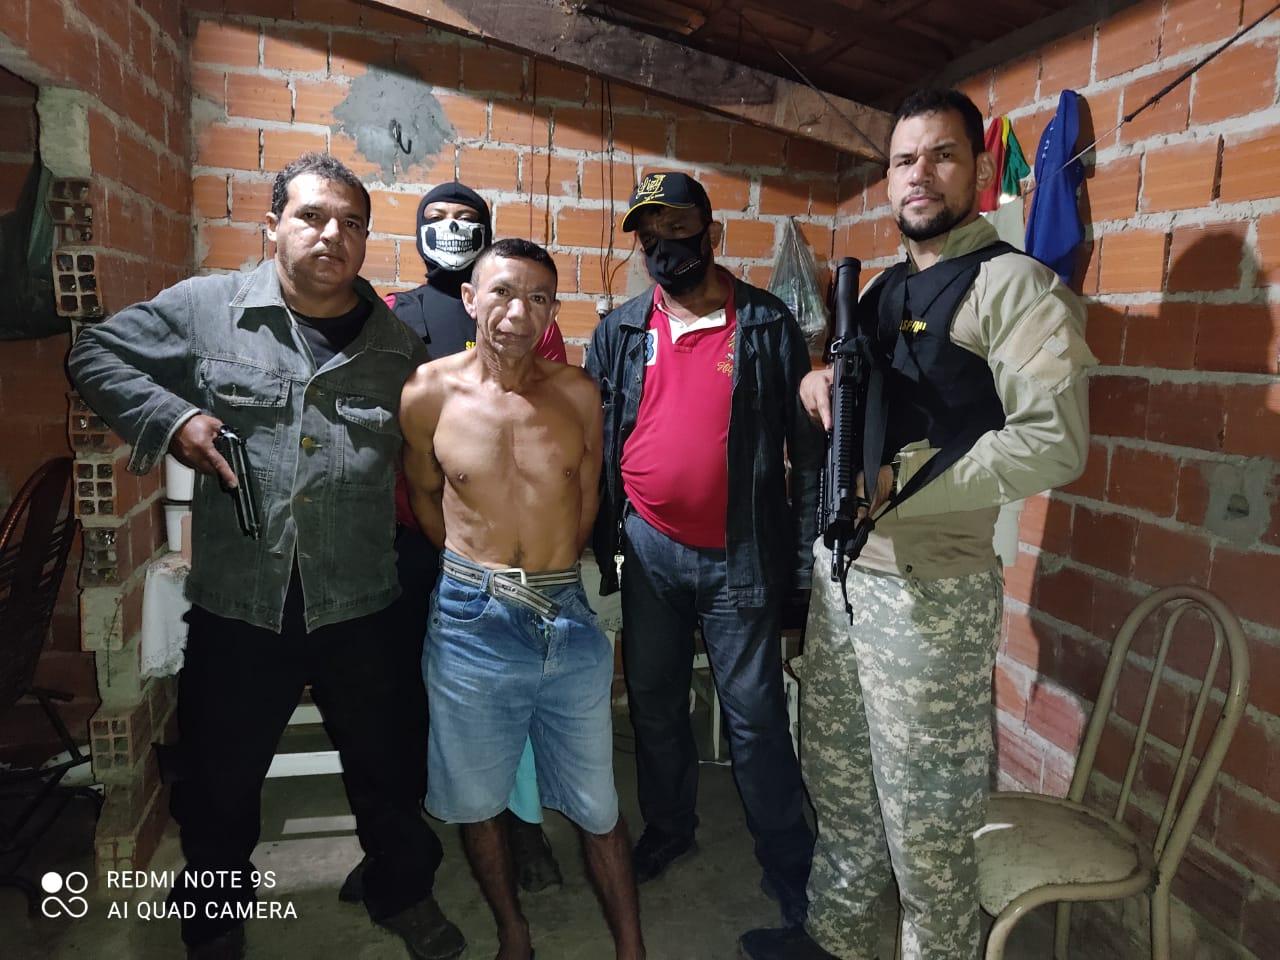 Acusado foi preso escondido em um casebre no interior do Piauí. (Foto: Divulgação)